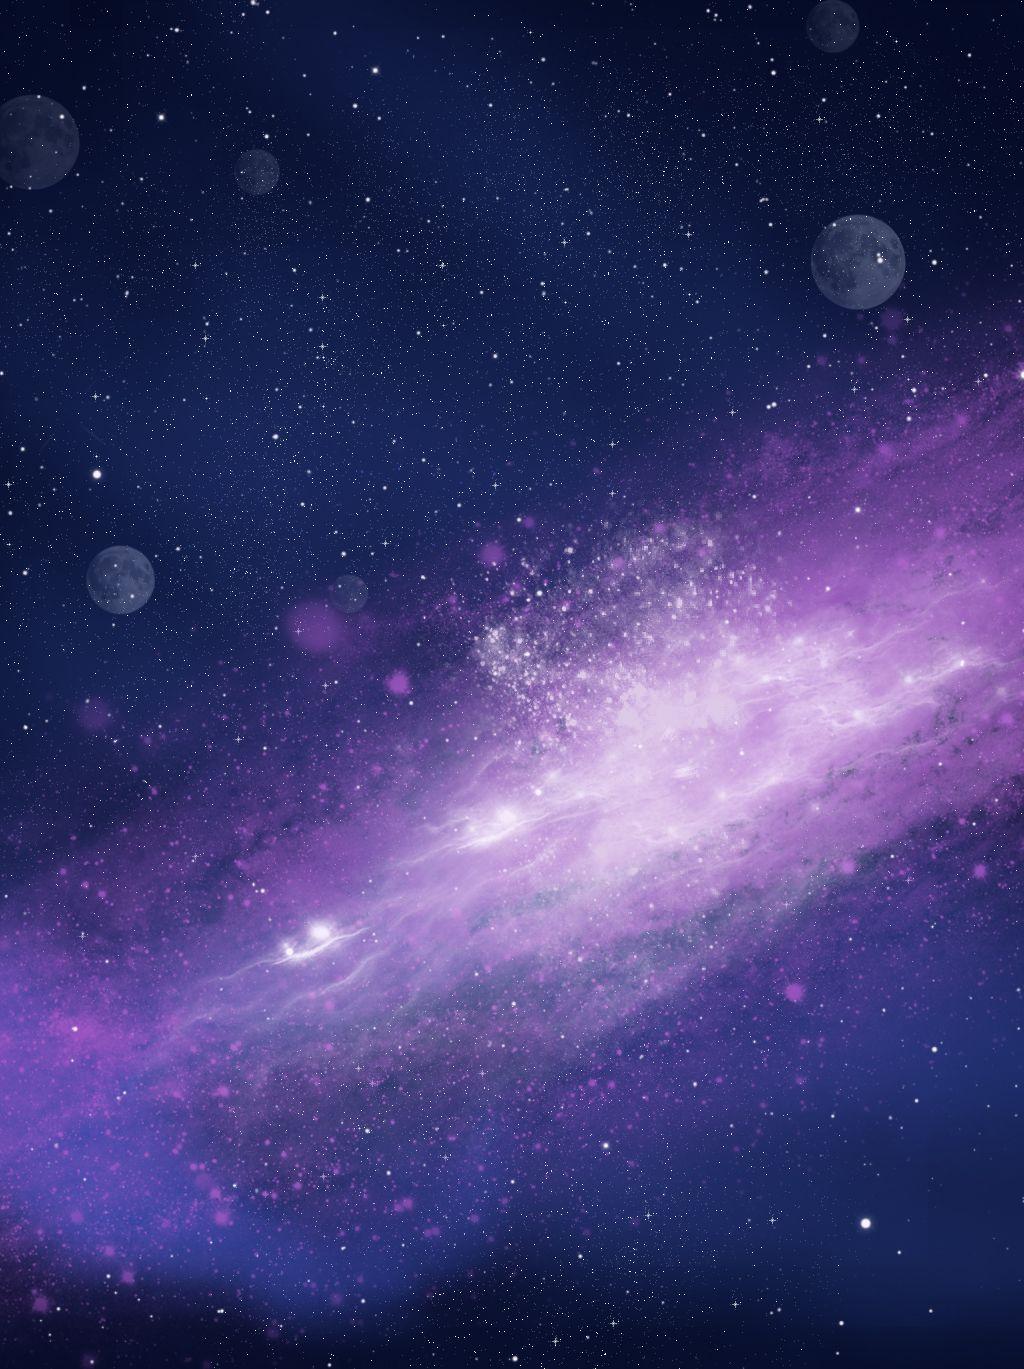 الوردي رومانسي خلفية السماء Galaxy Background Star Background Space Backgrounds